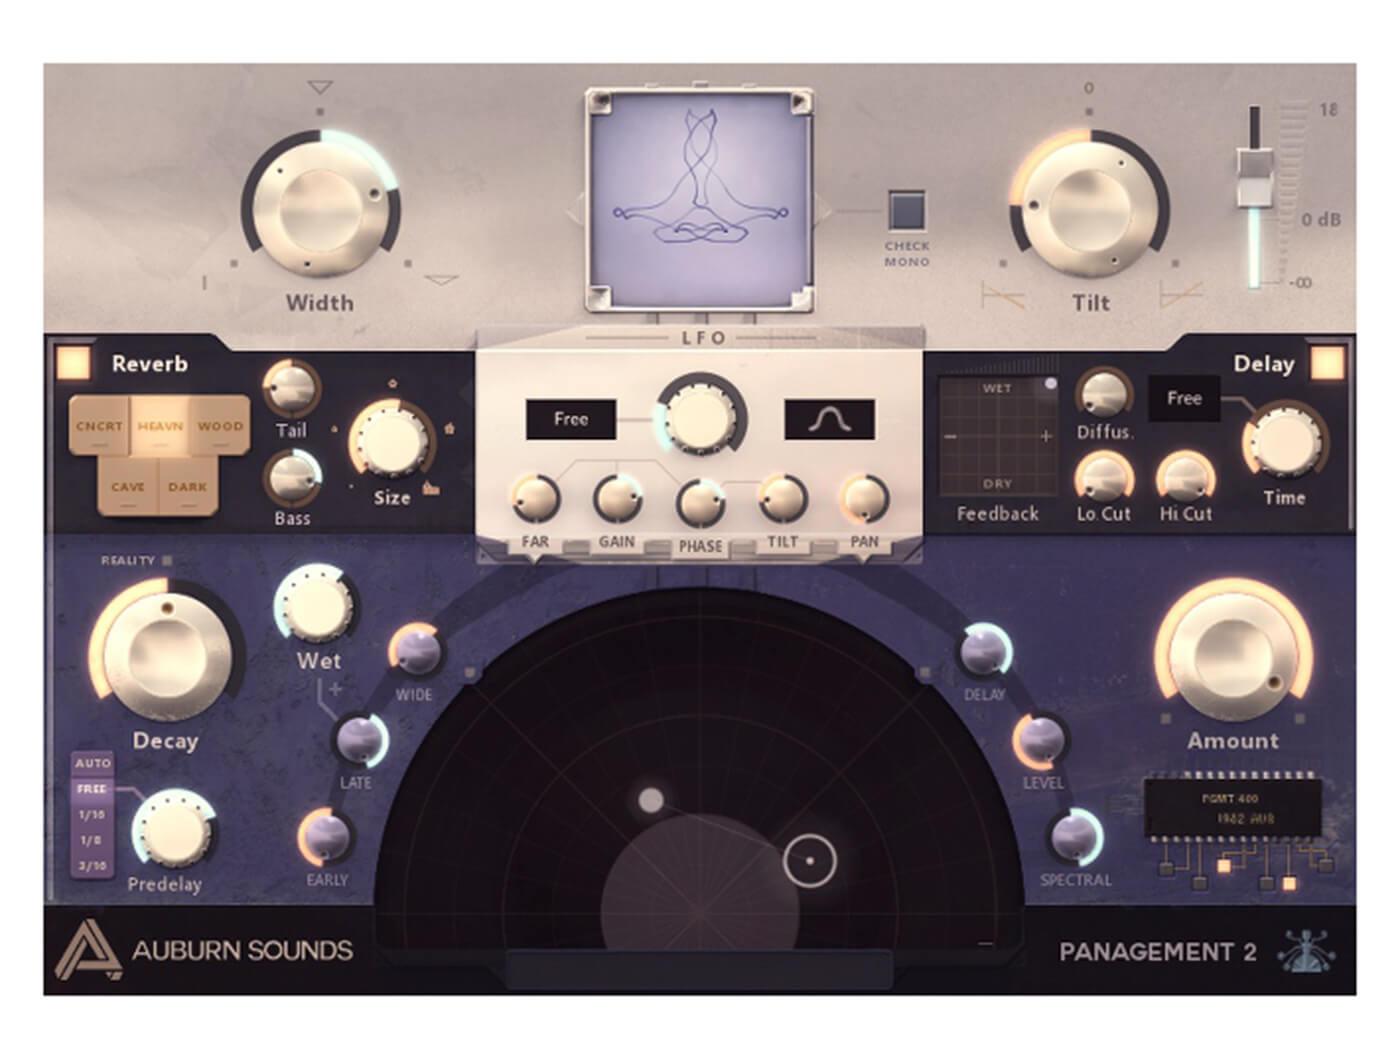 Auburn Sounds' Panagement 2 lets you craft a range of spatial sounds